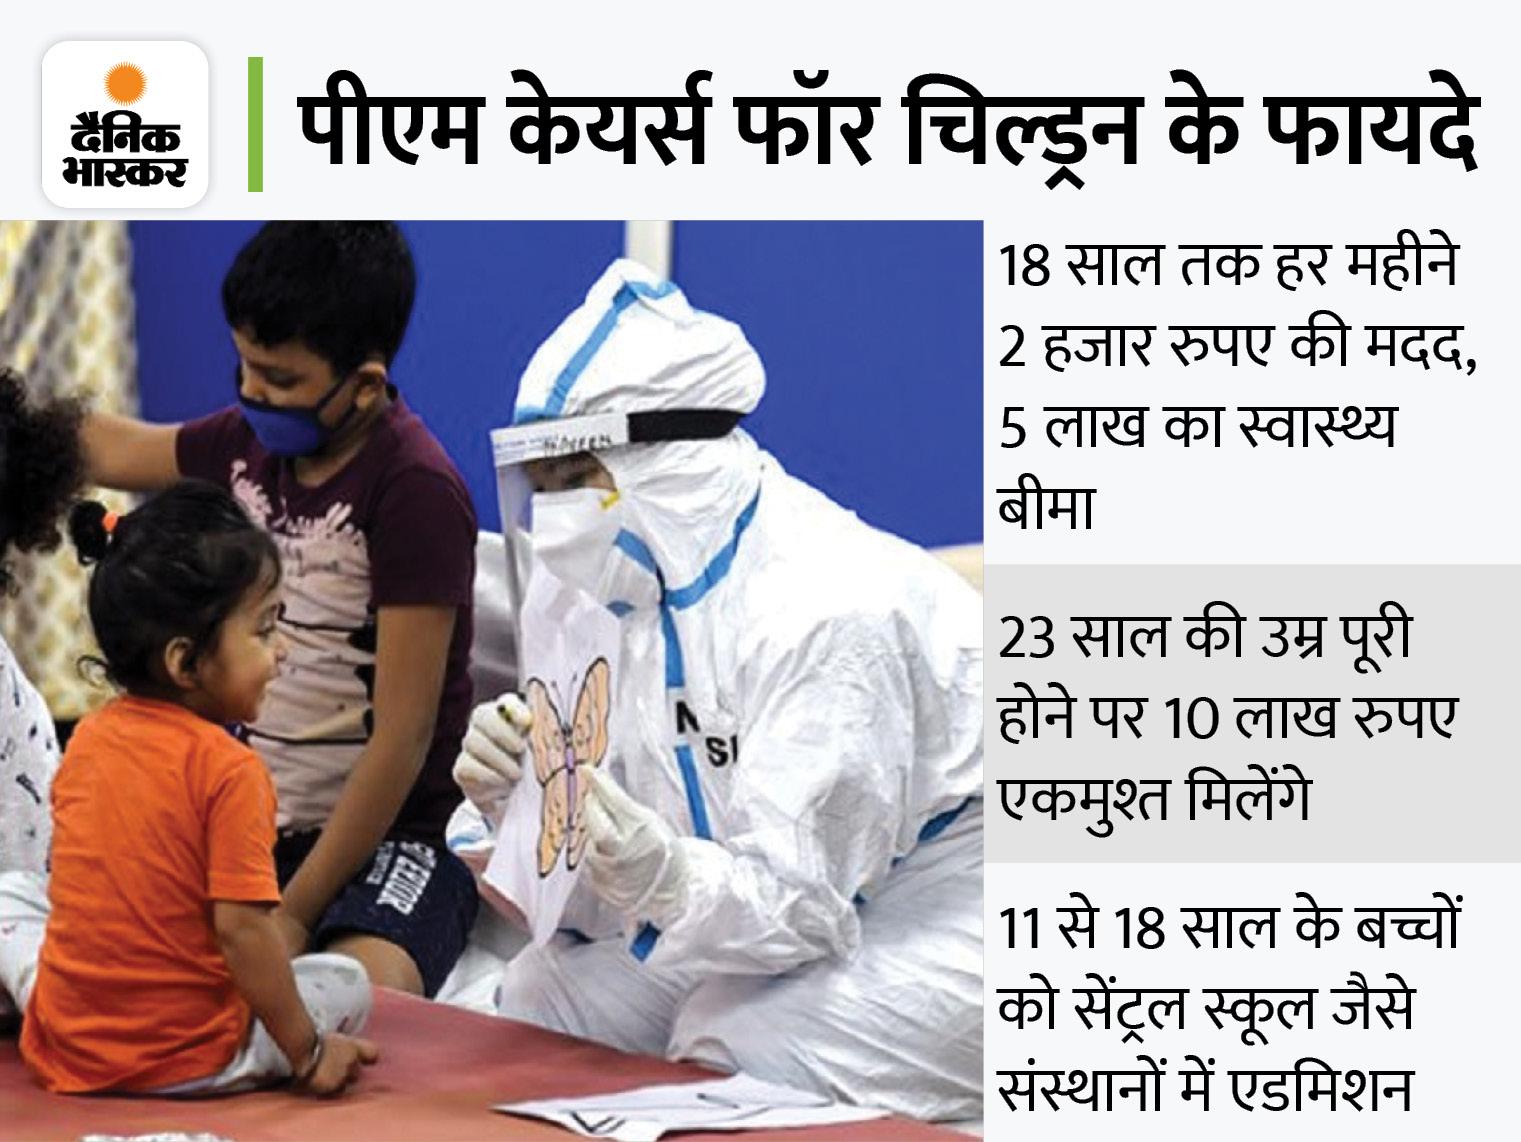 केंद्र PM केयर्स फॉर चिल्ड्रन स्कीम के तहत 2 हजार की जगह 4 हजार रुपए देगा, जल्द होगा ऐलान देश,National - Dainik Bhaskar